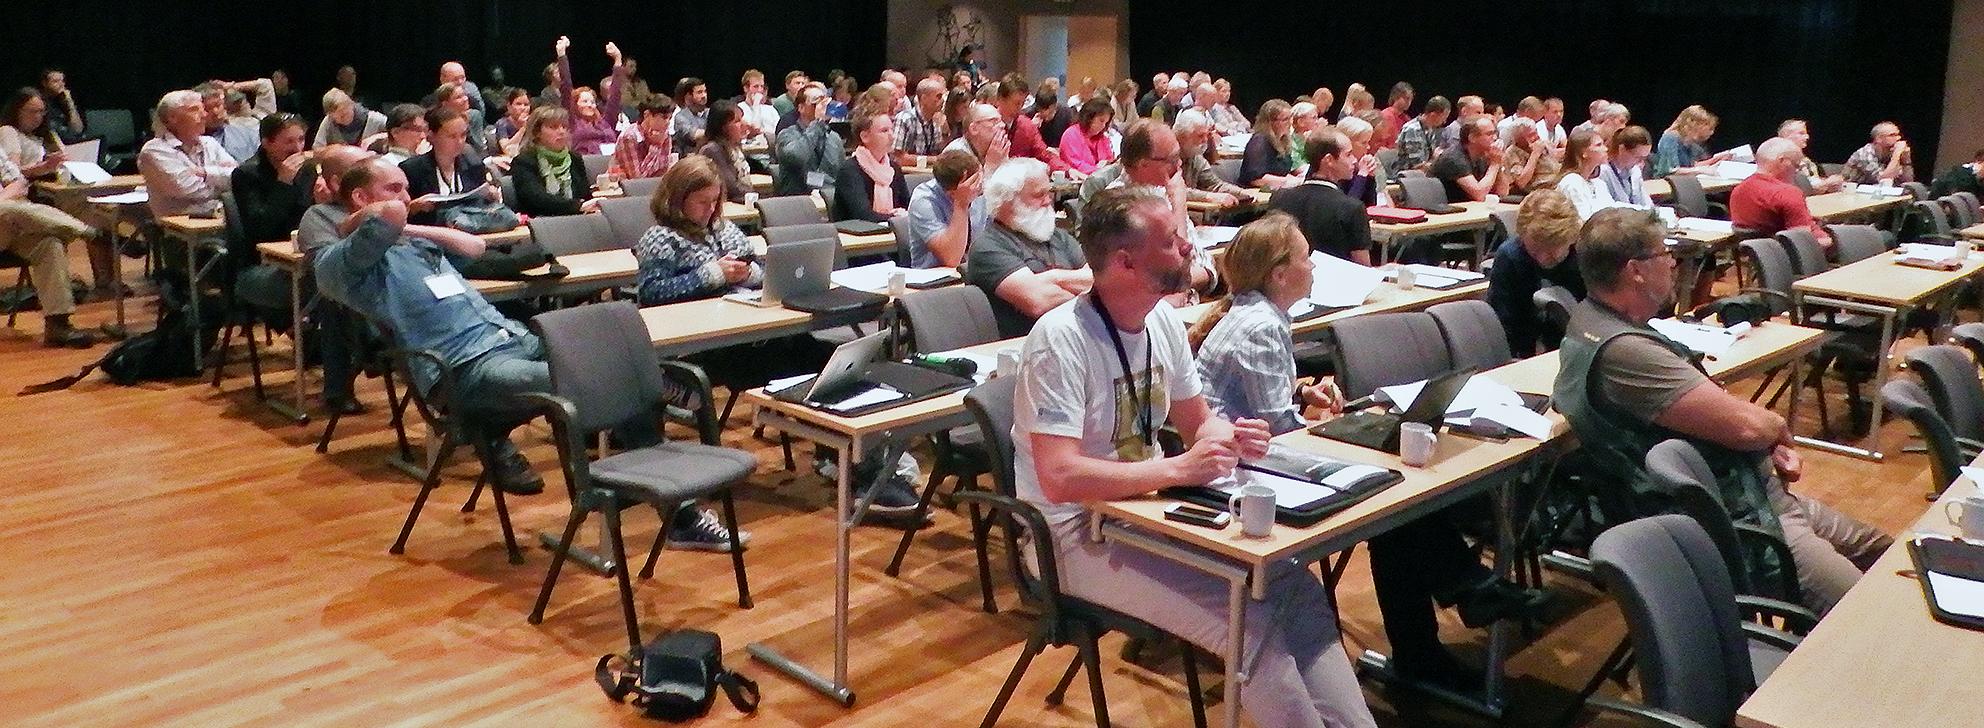 150 forskere og forvaltere deltok fra Norge, Canada, USA, Sverige, Russland, Grønland, Island og Finland. Foto: Tor Punsvik